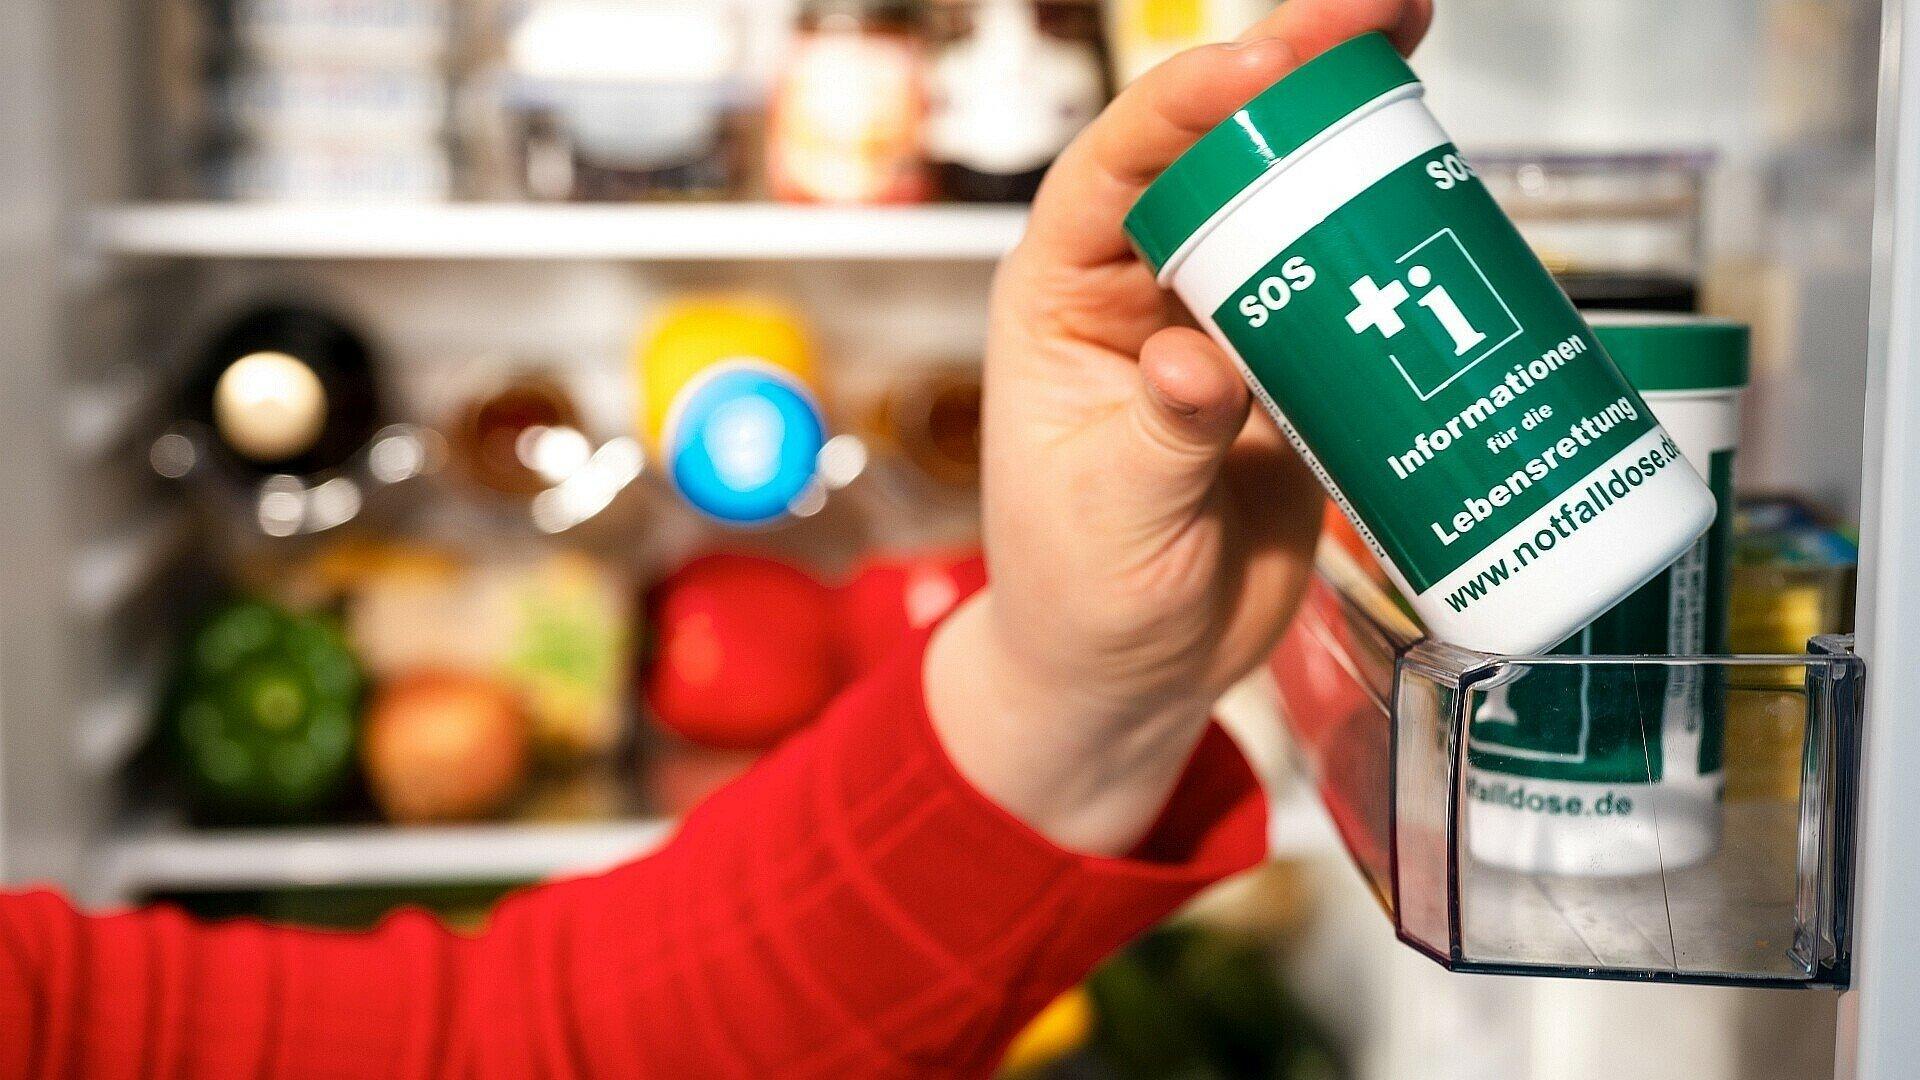 Notfalldose gut sichtbar für den Rettungsdienst in der Kühlschranktür aufbewahrt